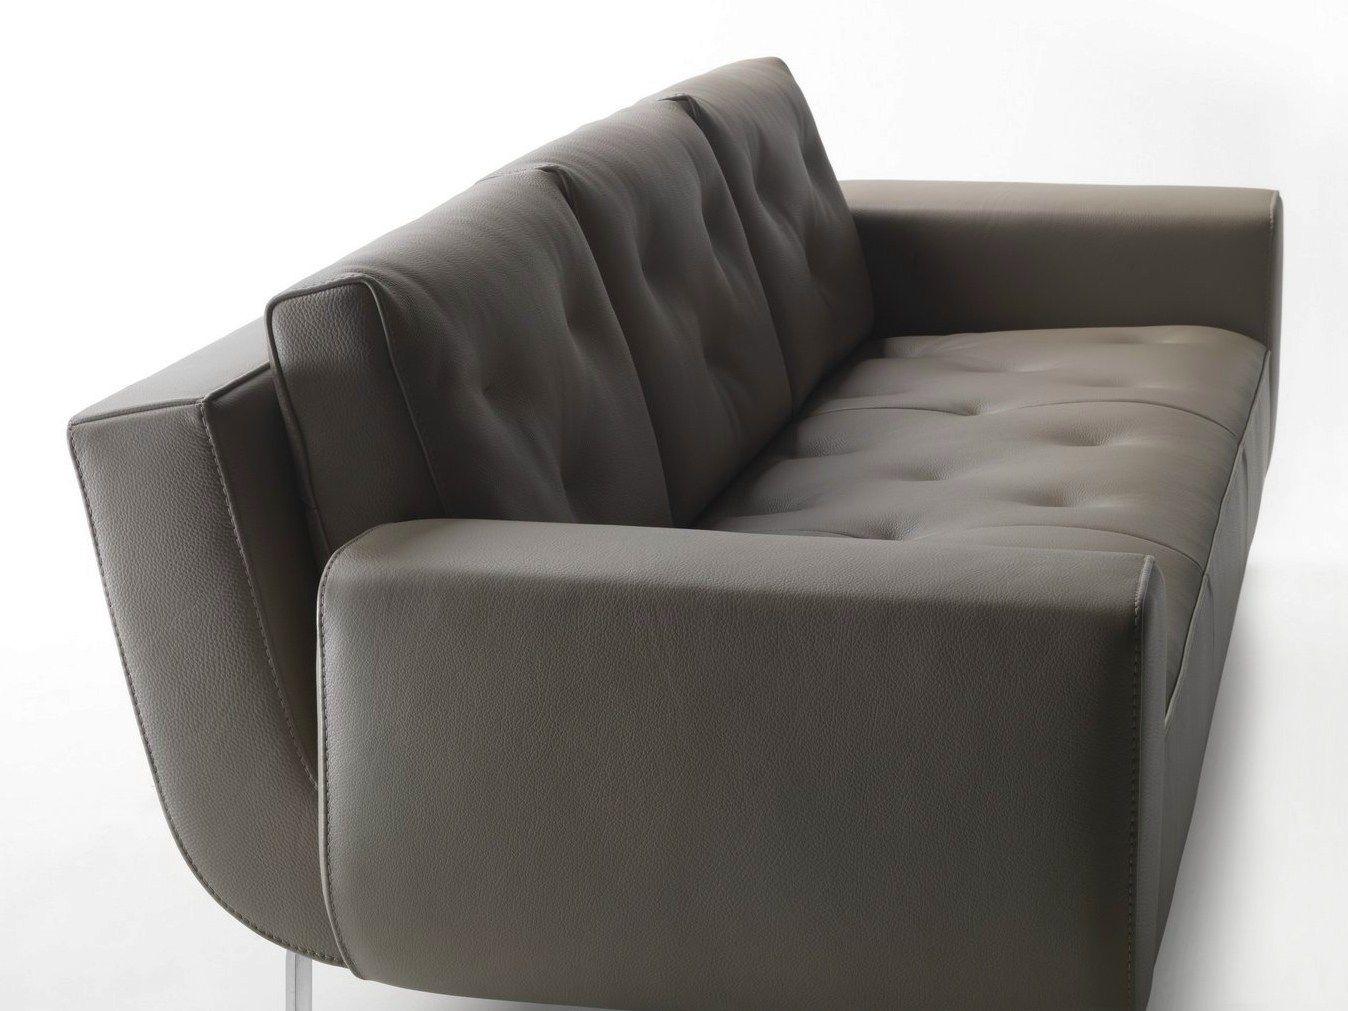 Canapé 4 places en cuir BAY XL by Giulio Marelli Italia | design ...